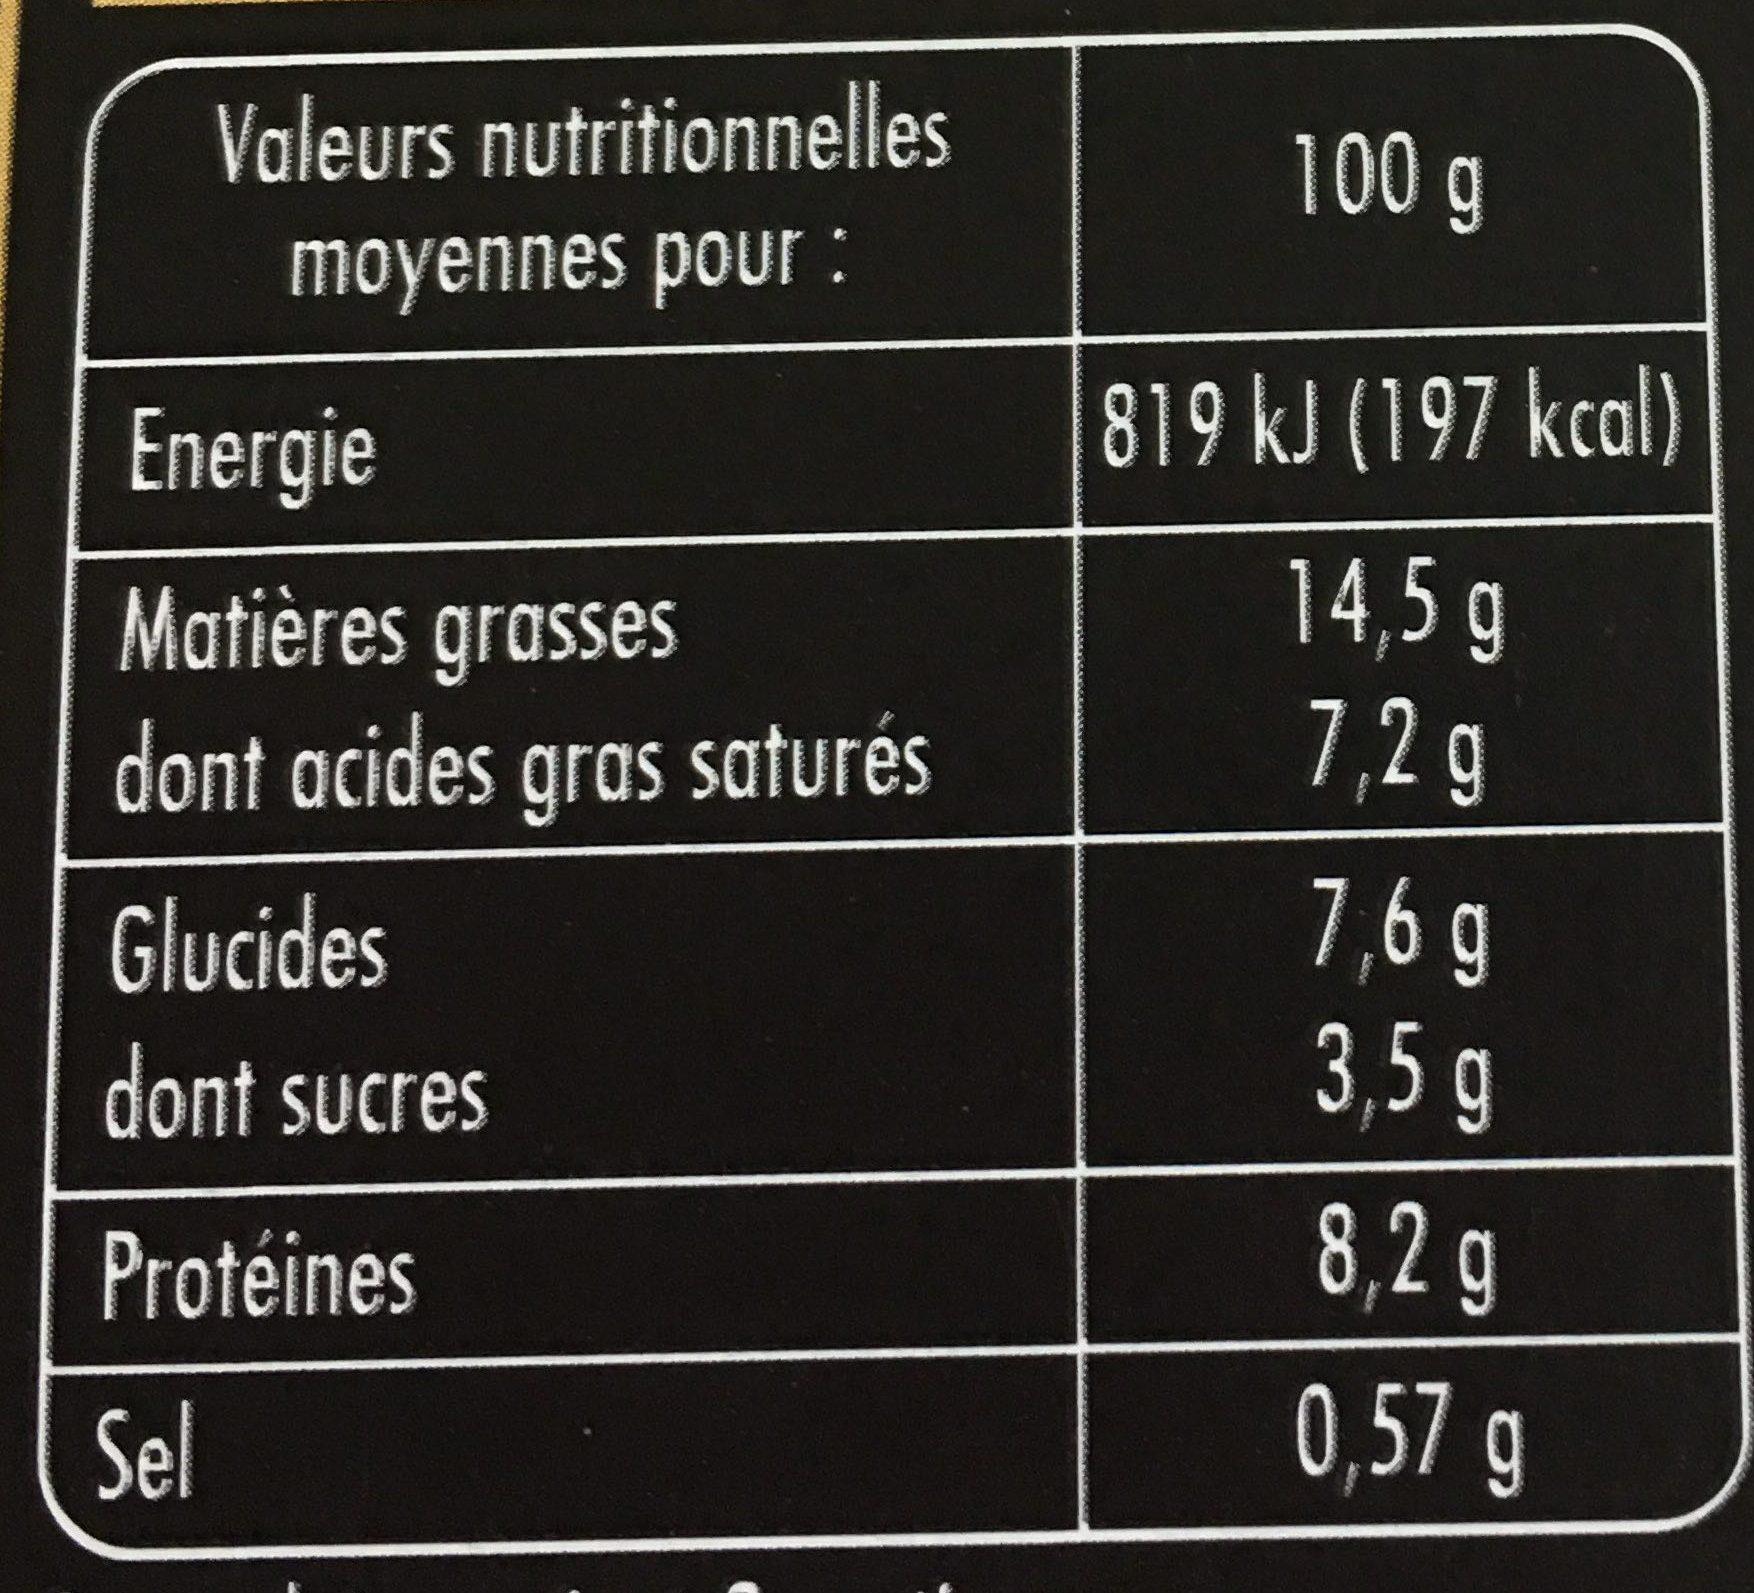 Le Millefeuille Saumon Fumé, Fromage Blanc & Décor de Petits Légumes - Nutrition facts - fr